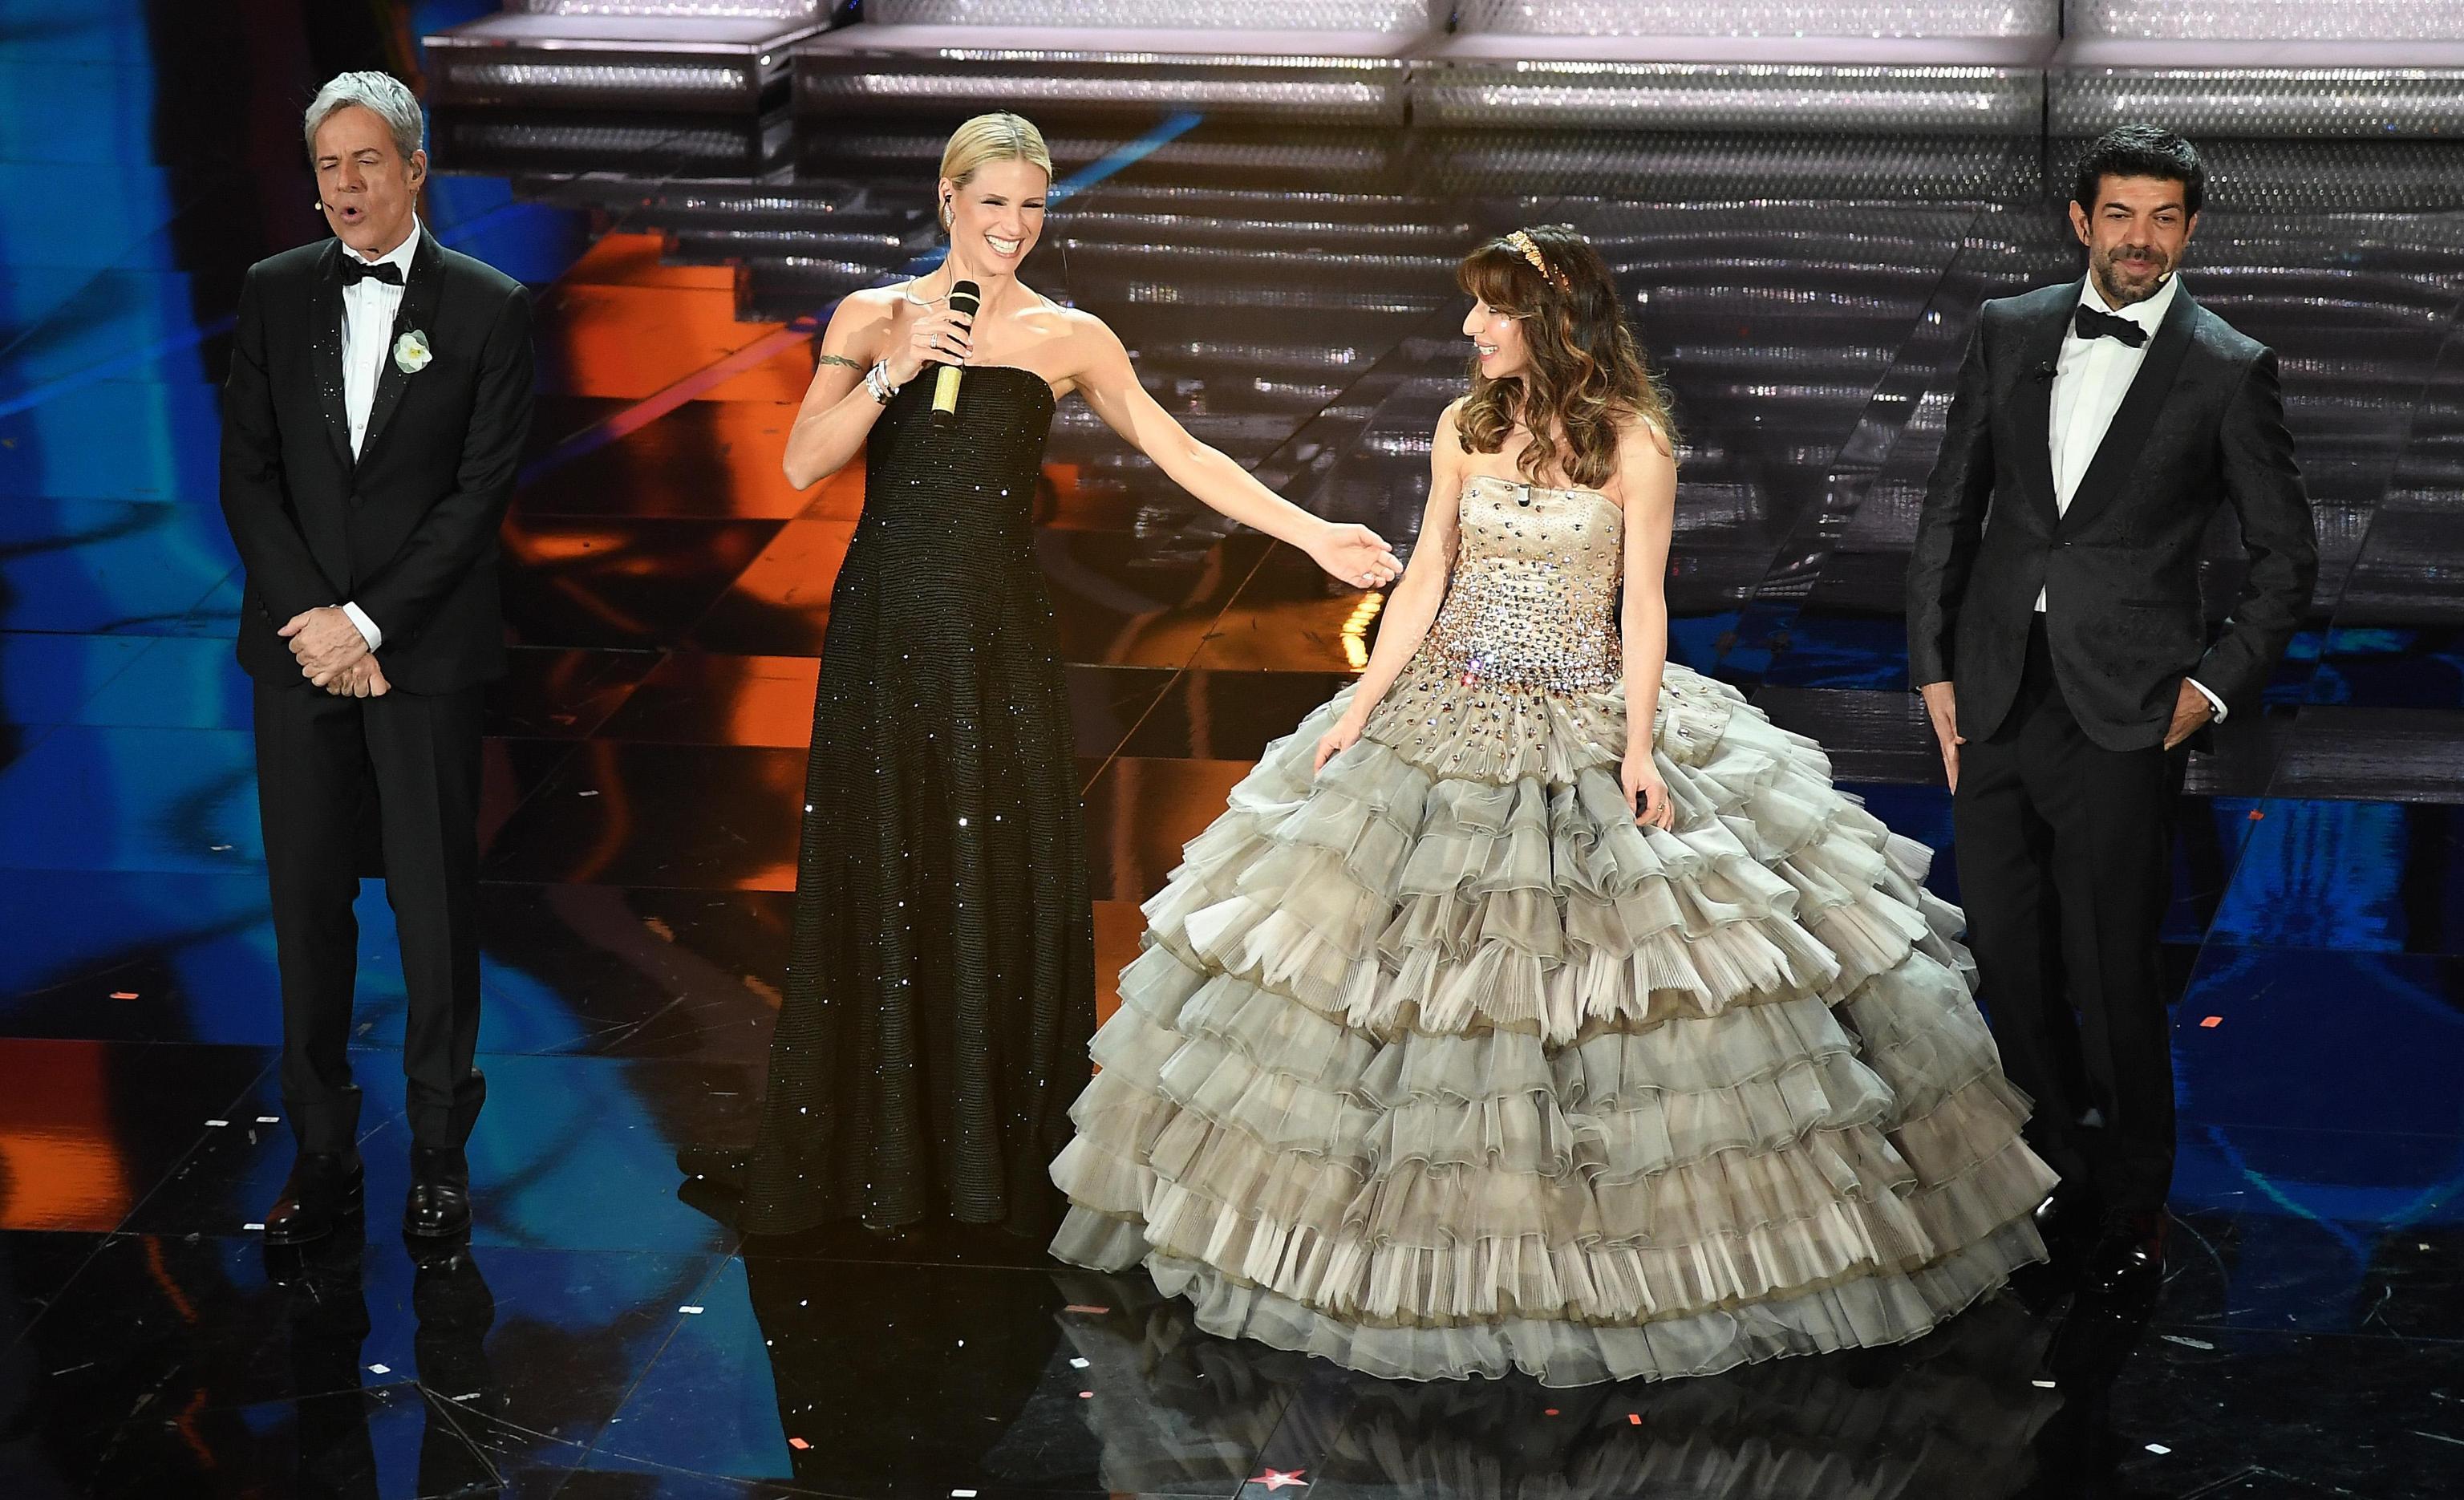 Sabrina Impacciatore con un abito principesco a Sanremo 2018